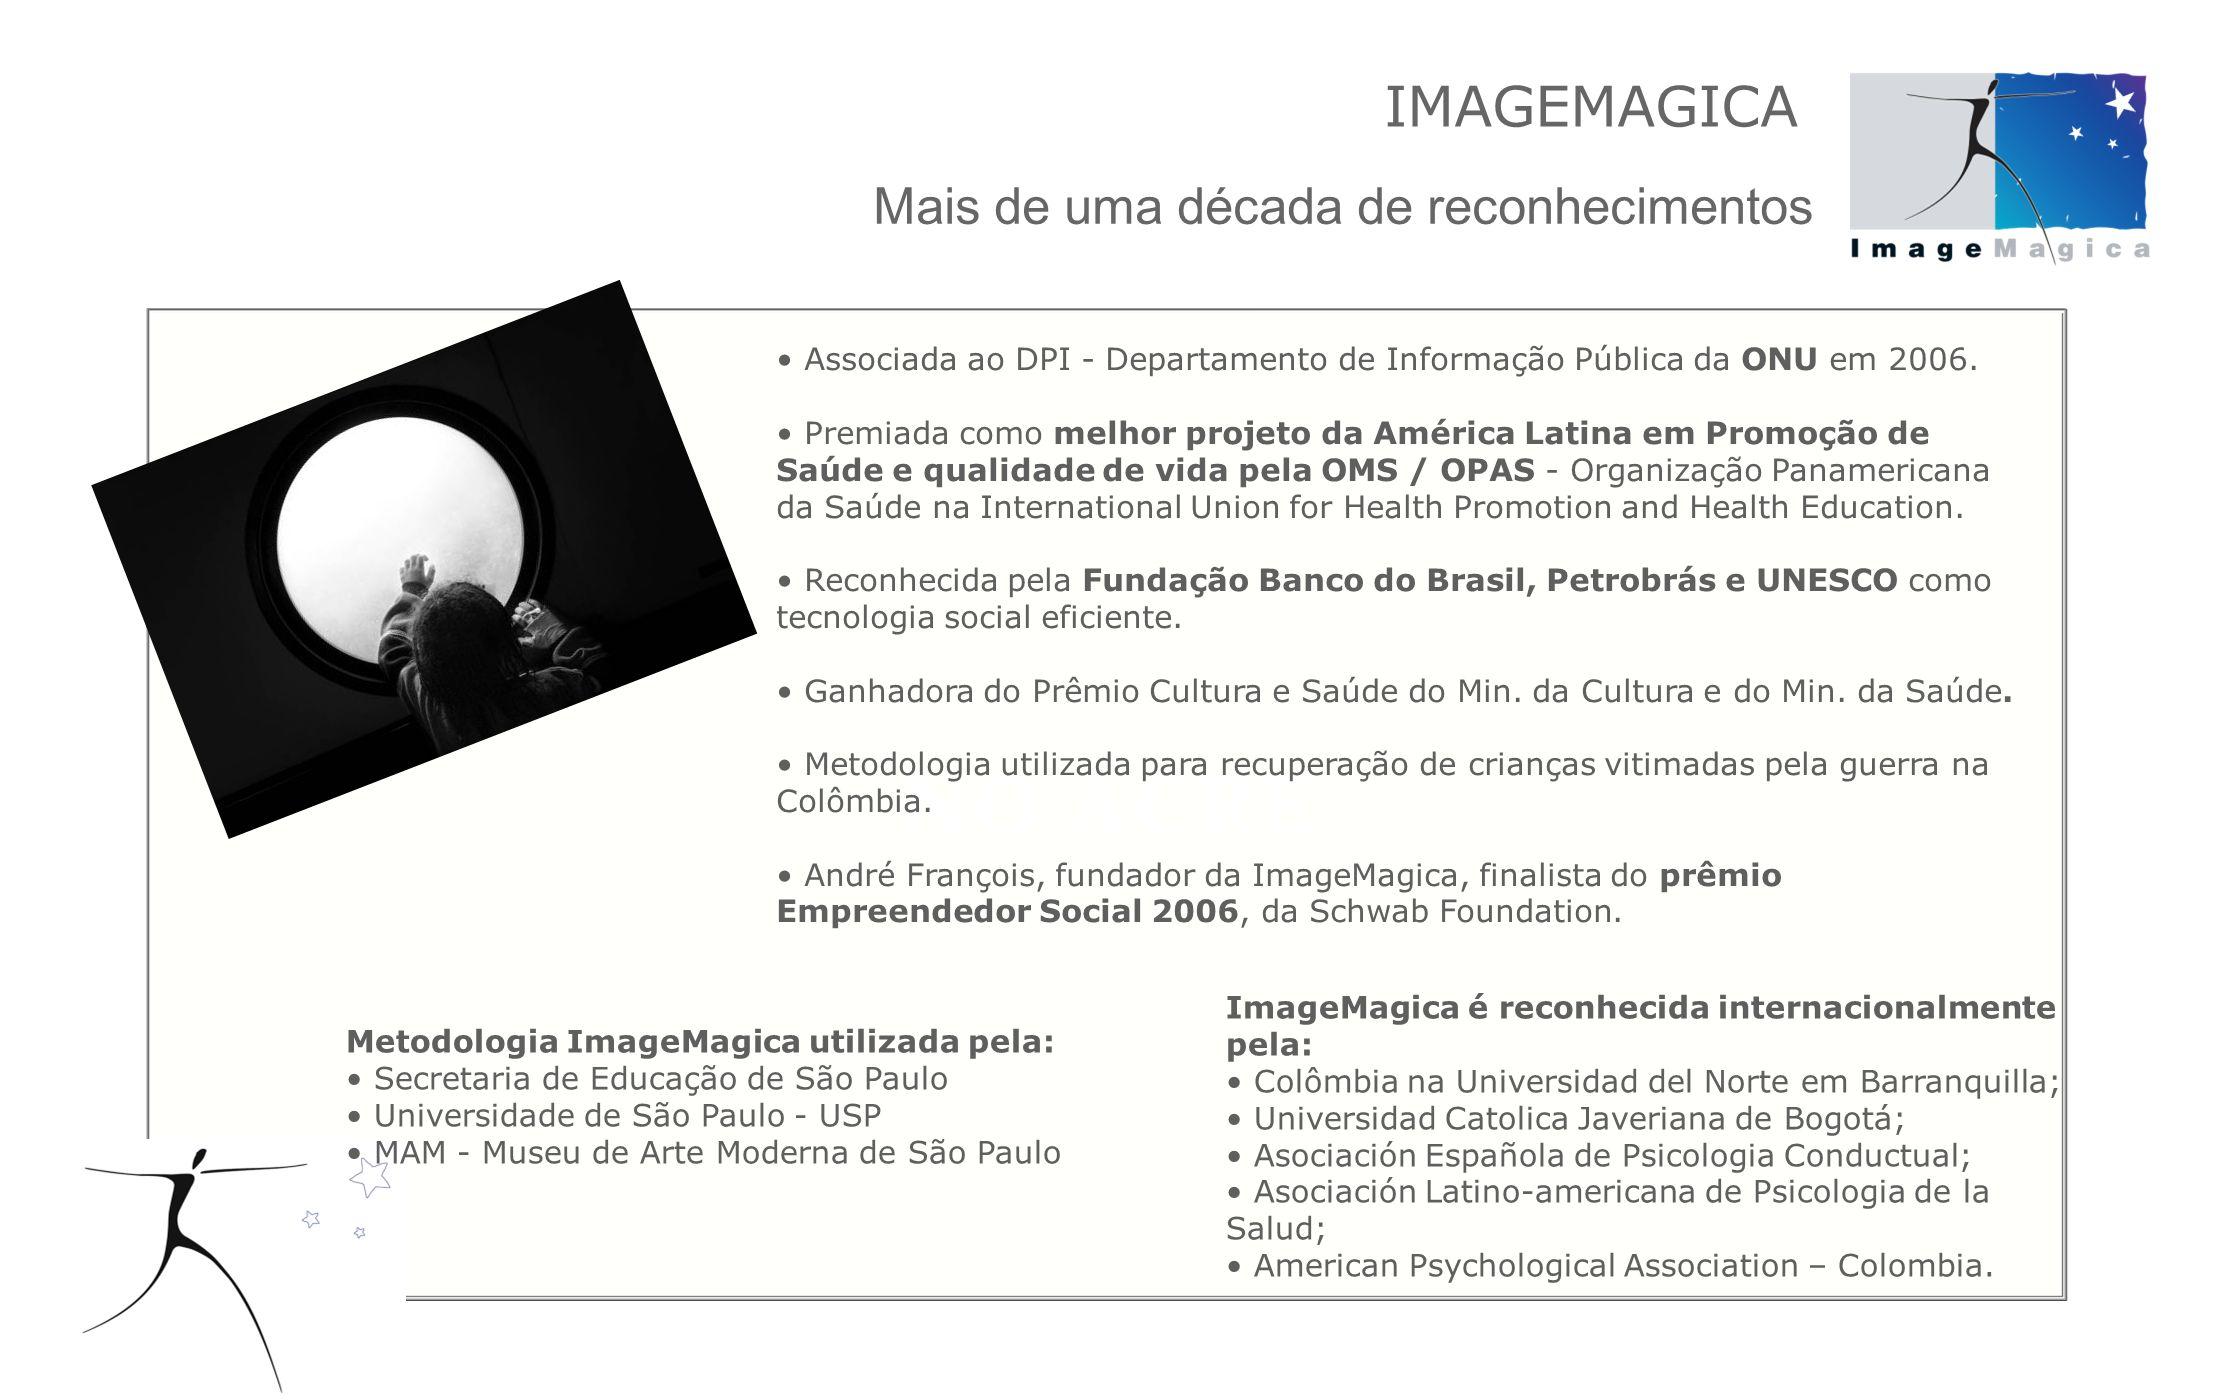 Todos os projetos da ImageMagica partem da certeza de que a fotografia tem o poder de transformação.